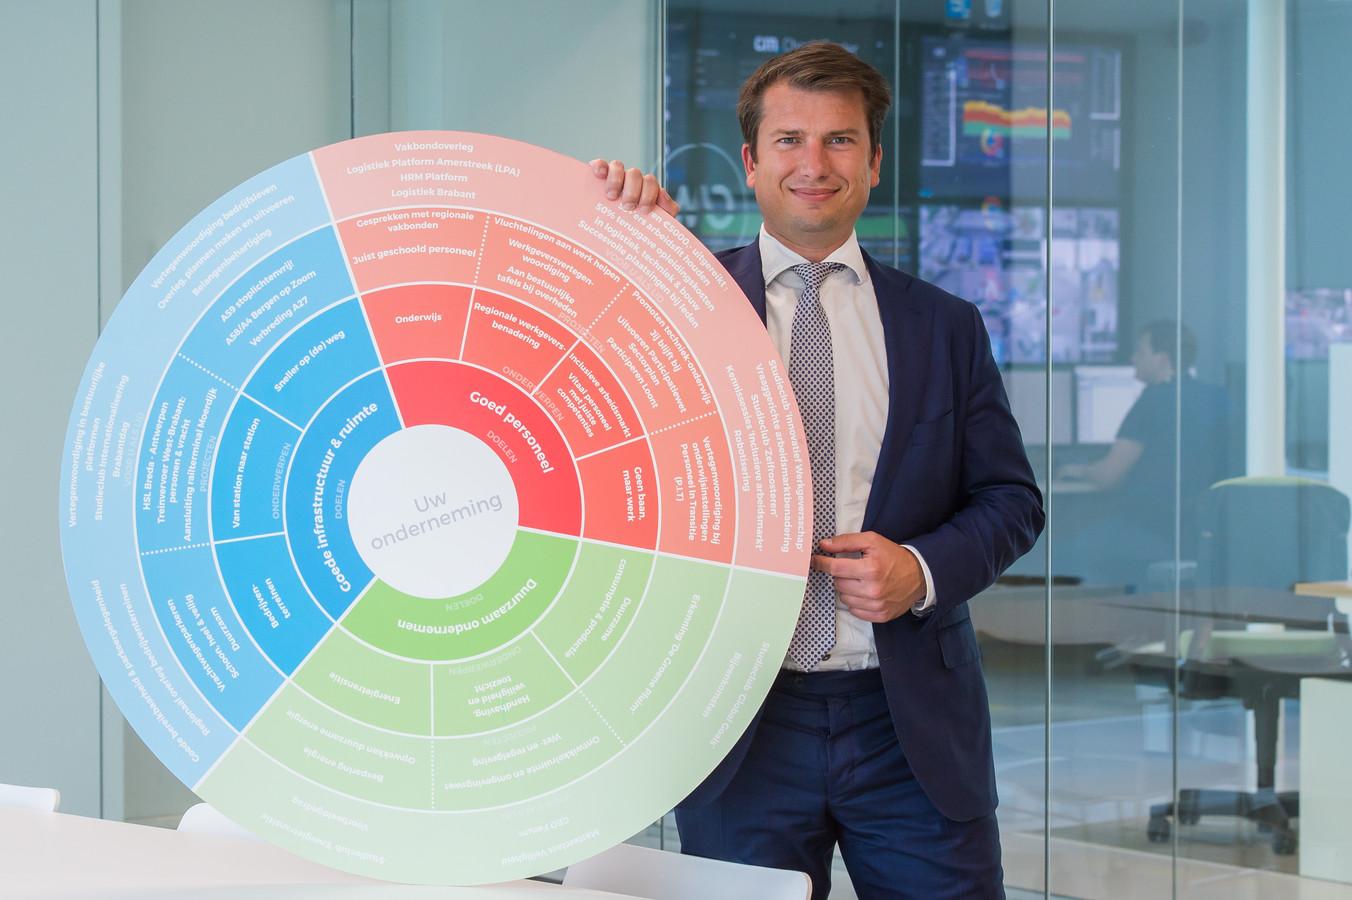 Jeroen van Glabbeek van het bedrijf CM uit Breda. Foto René Schotanus/Pix4Profs